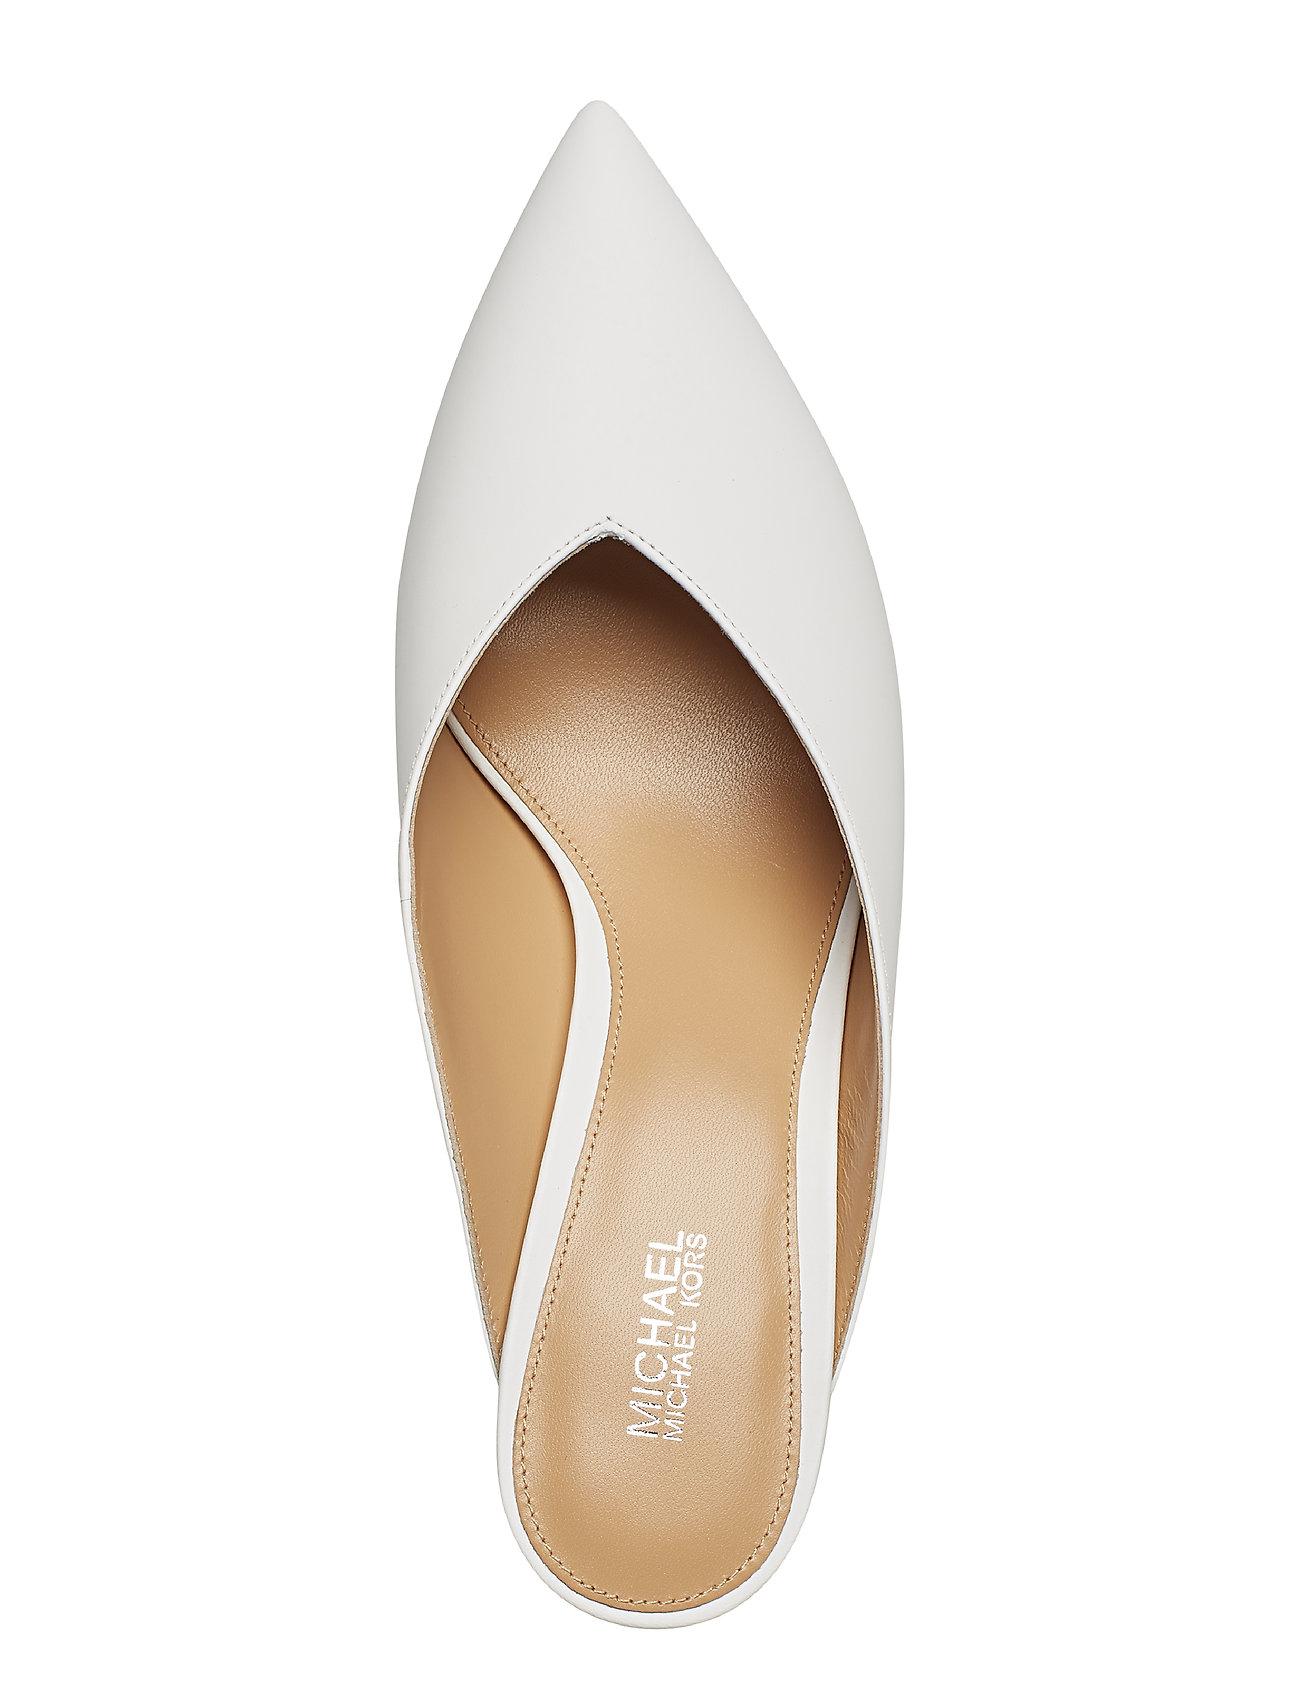 Muleoptic Kors Muleoptic WhiteMichael Shoes WhiteMichael WhiteMichael Kors Cambria Kors Shoes Cambria Muleoptic Cambria thCBsQrodx